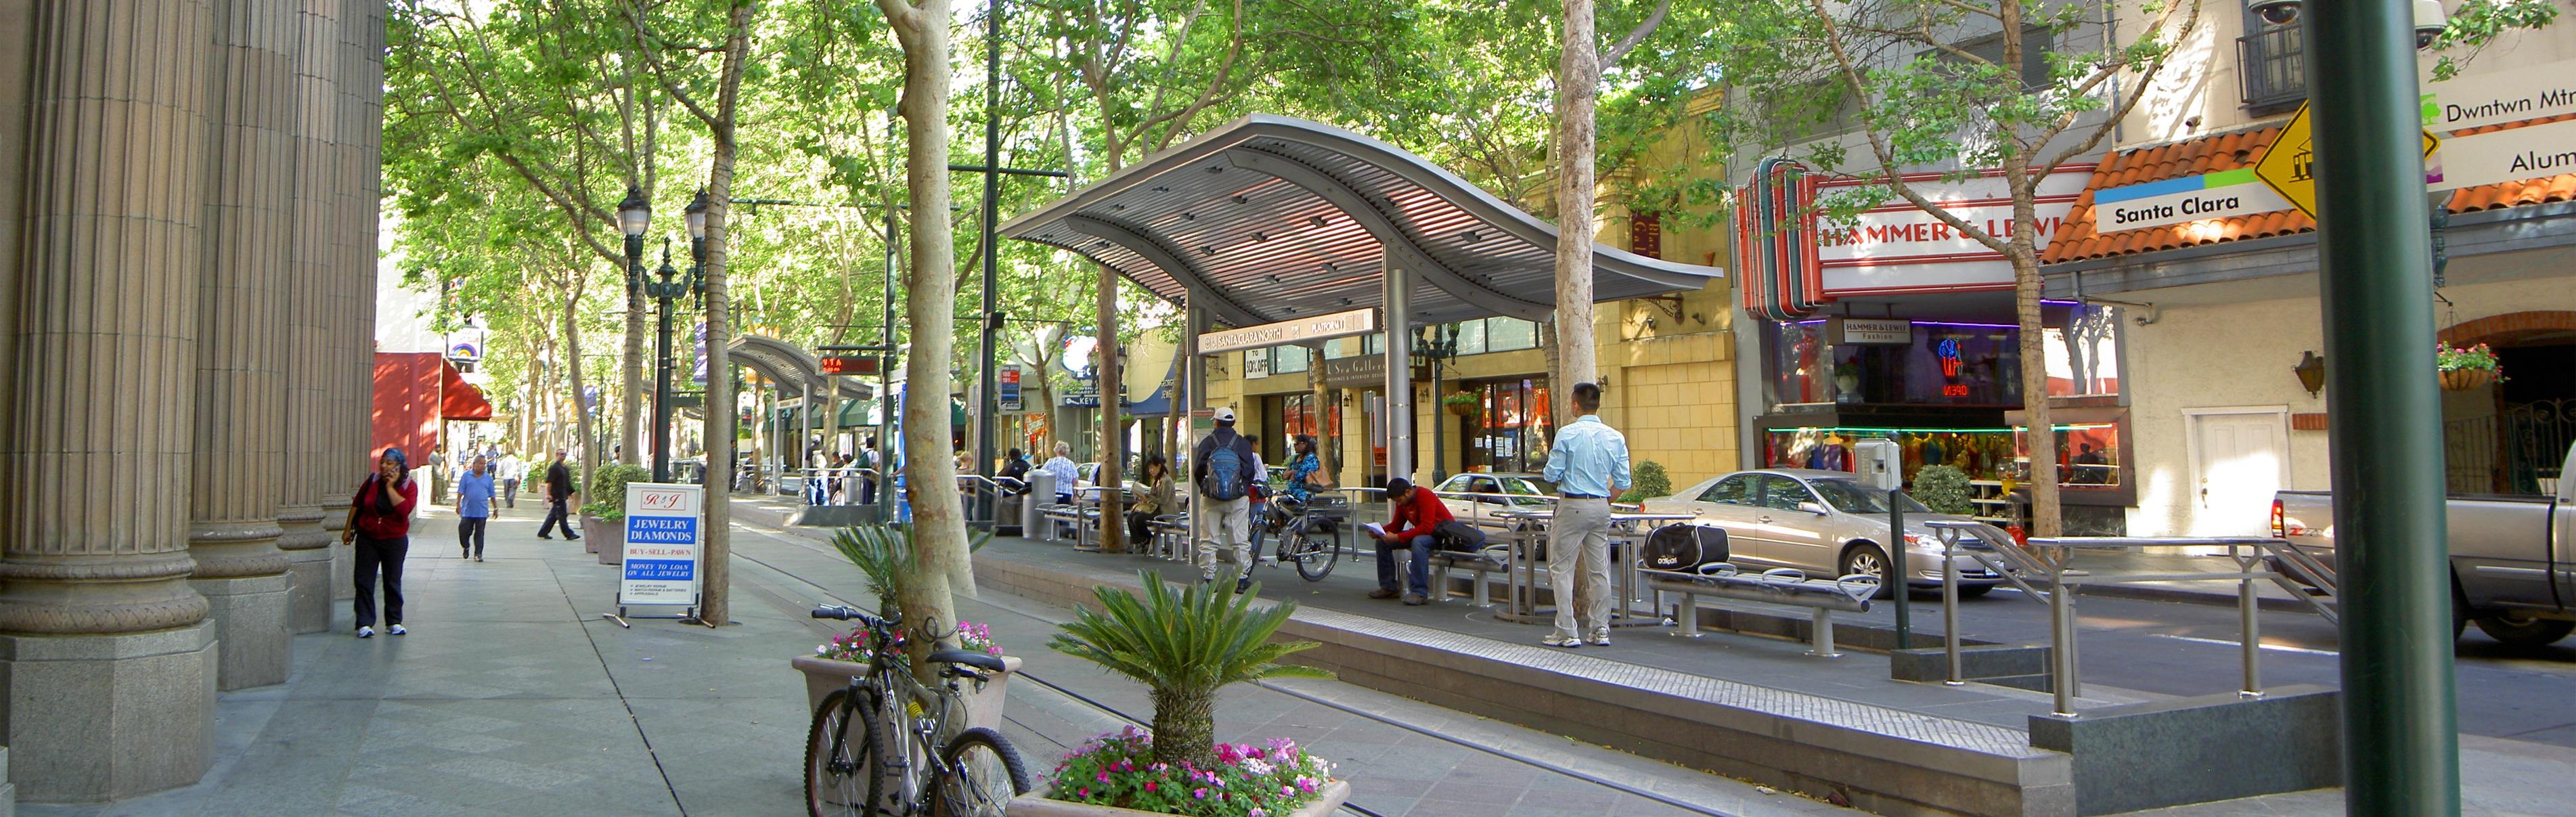 2nd Street, San Jose (credit: Wikimedia user XAtsukex)